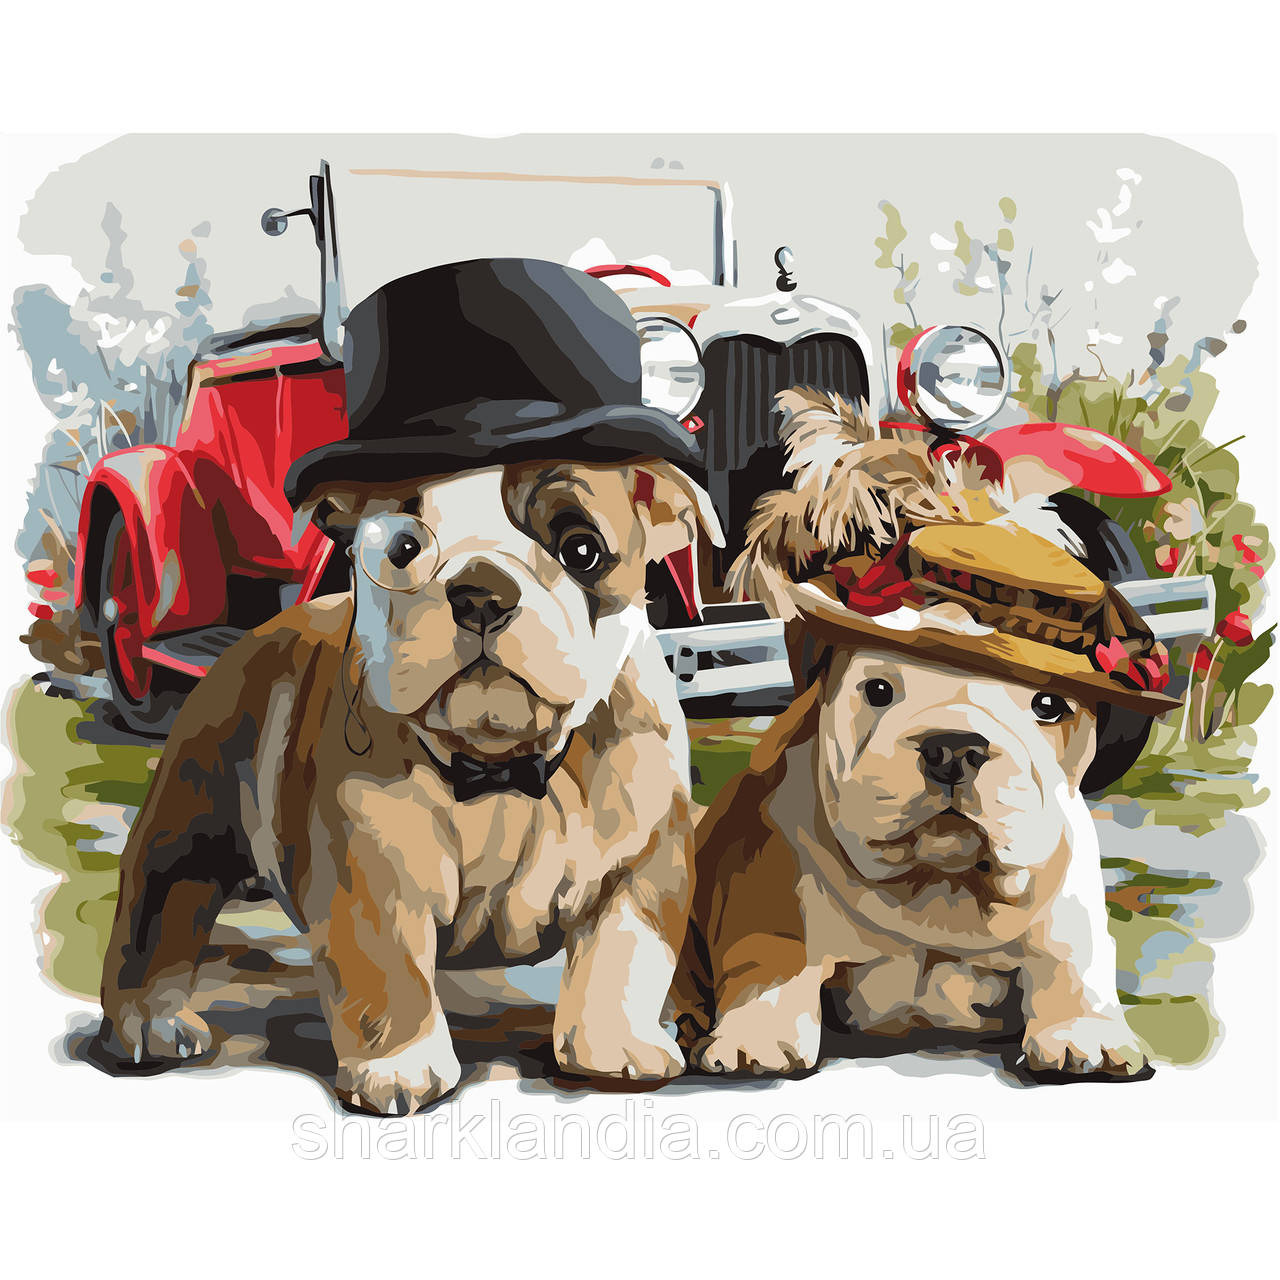 Картина по Номерам Собаки в стиле ретро 40х50см Strateg Раскраска по цифрам